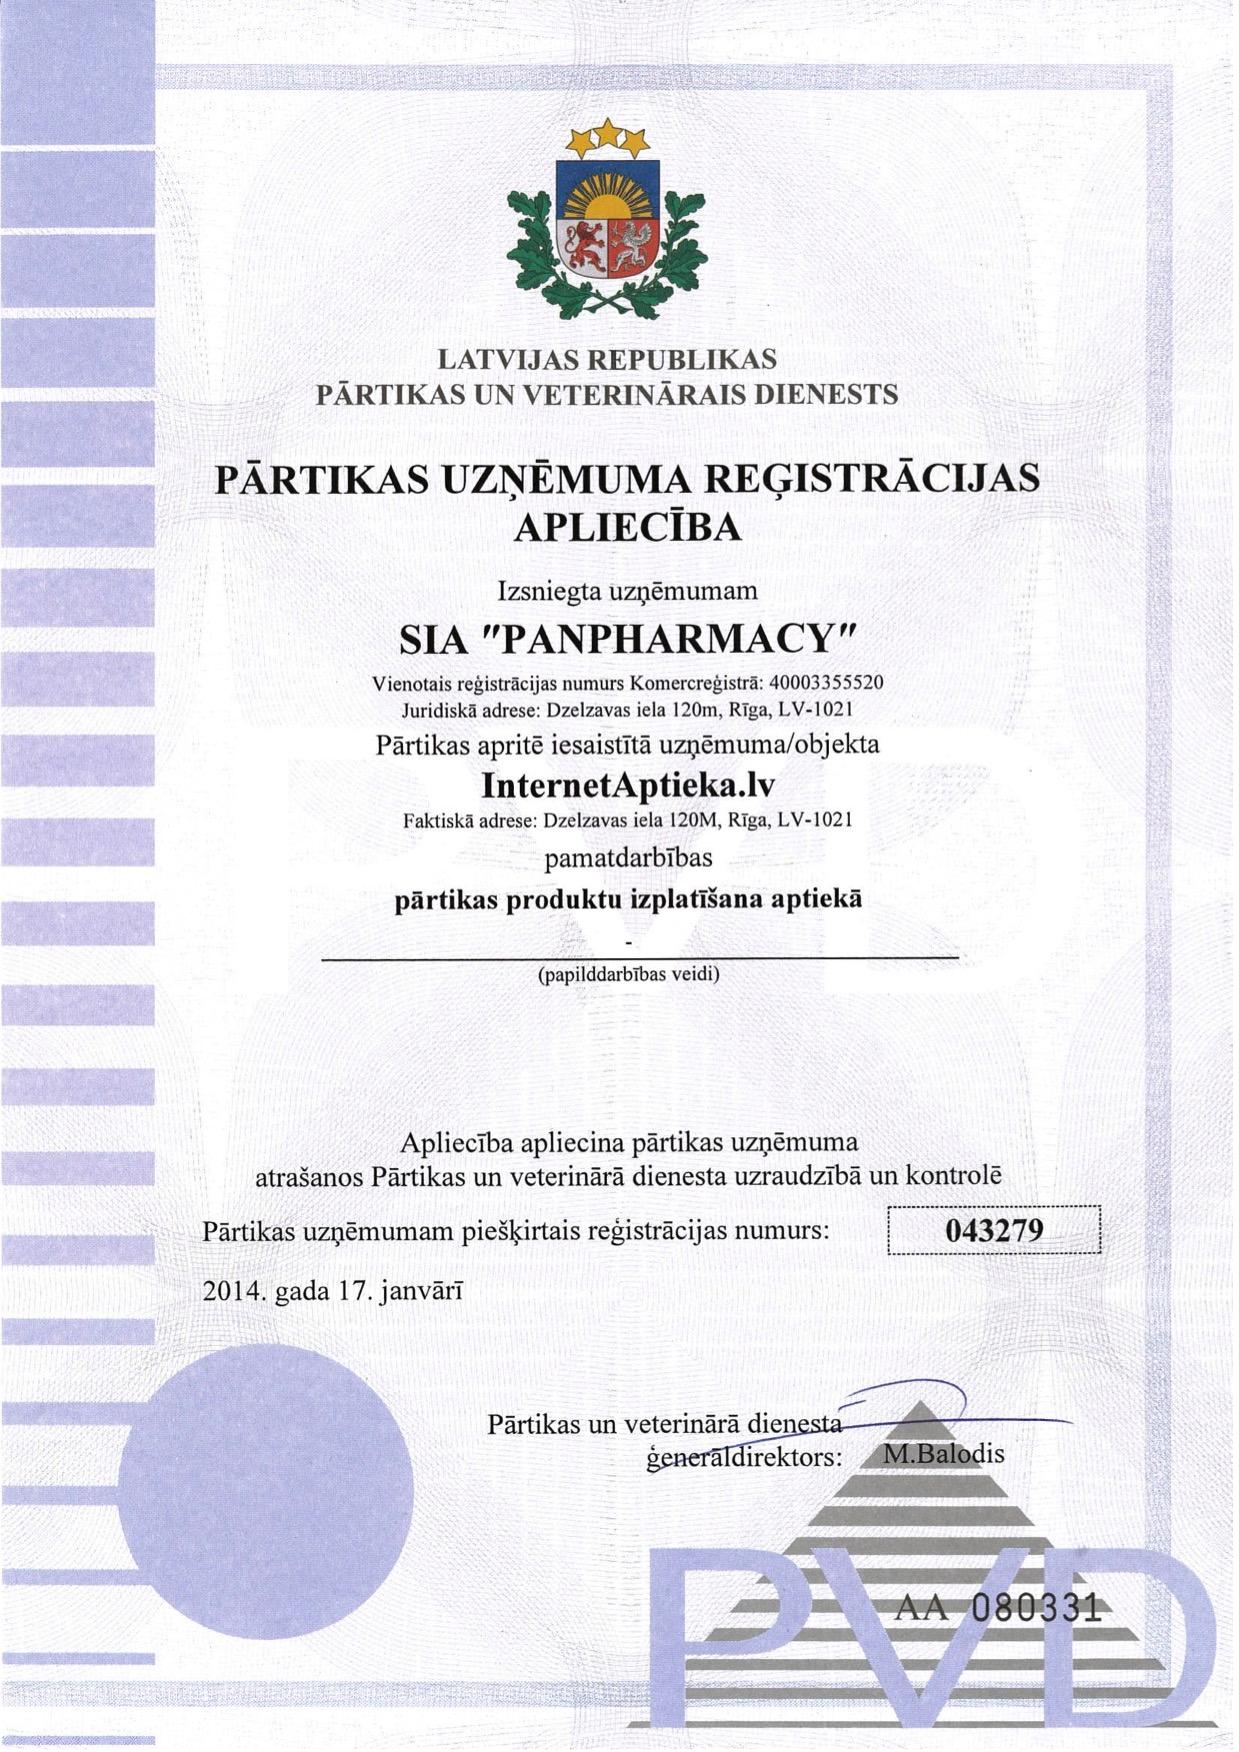 pārtikas uzņēmuma reģistrācijas apliecība atļauj pārtikas produktu izplatīšanu aptiekā